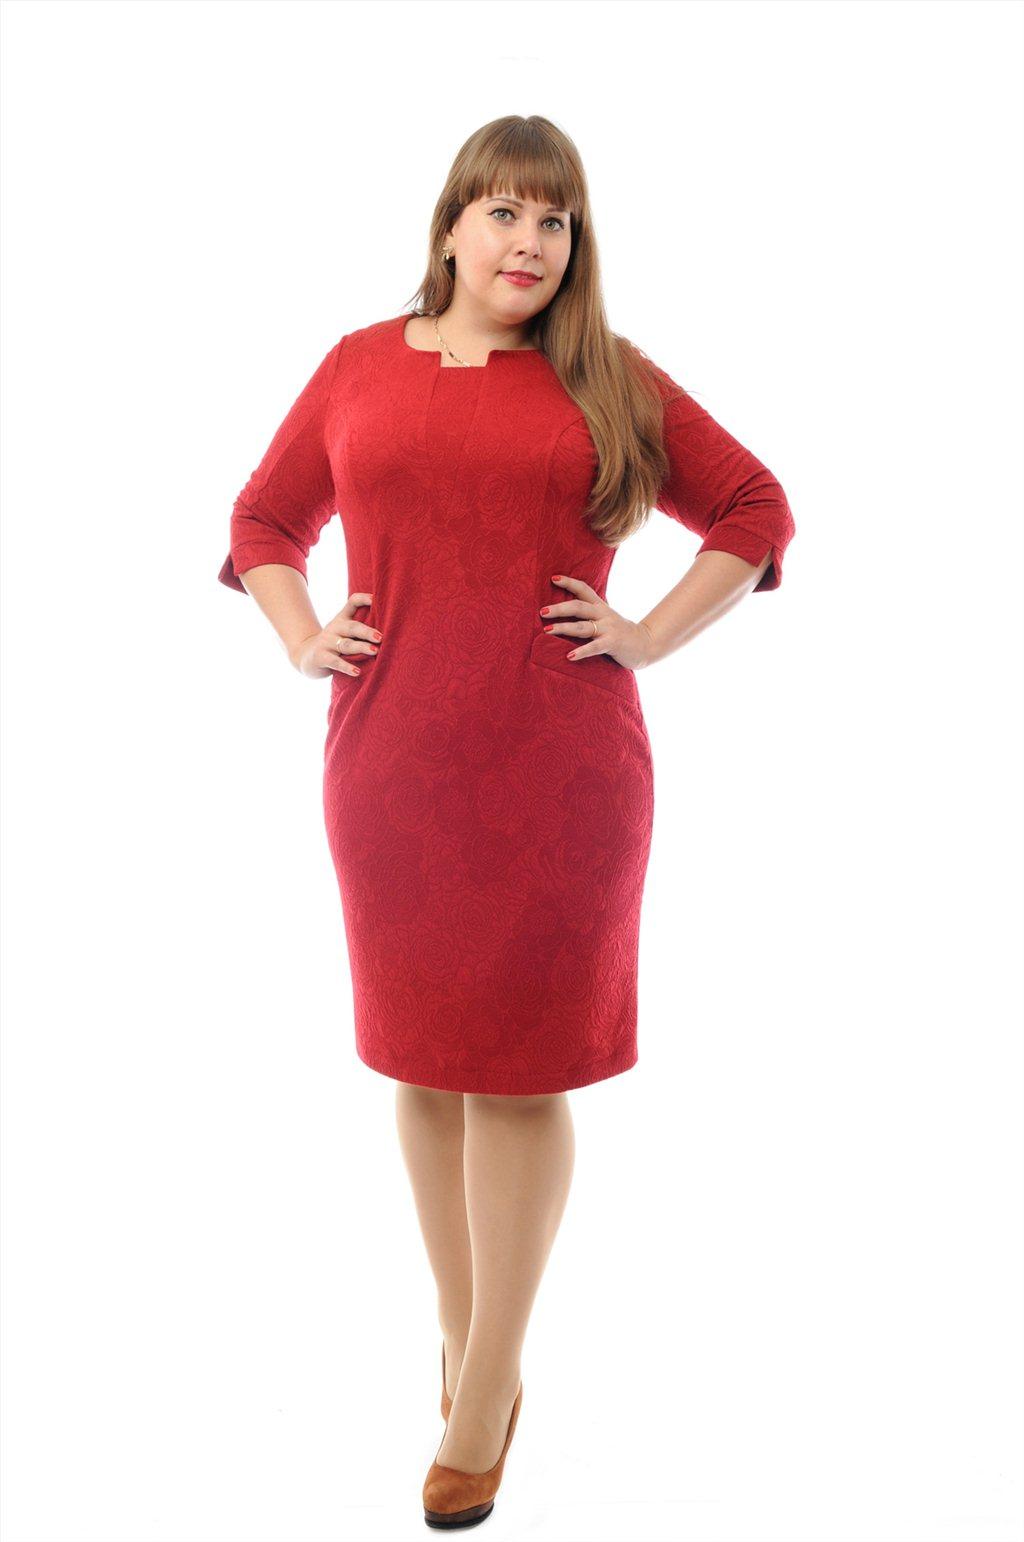 9791fc9064745d6 ... Скачать foto Продам оптом красивые женские платья 34231833 в Йошкар-Оле  ...